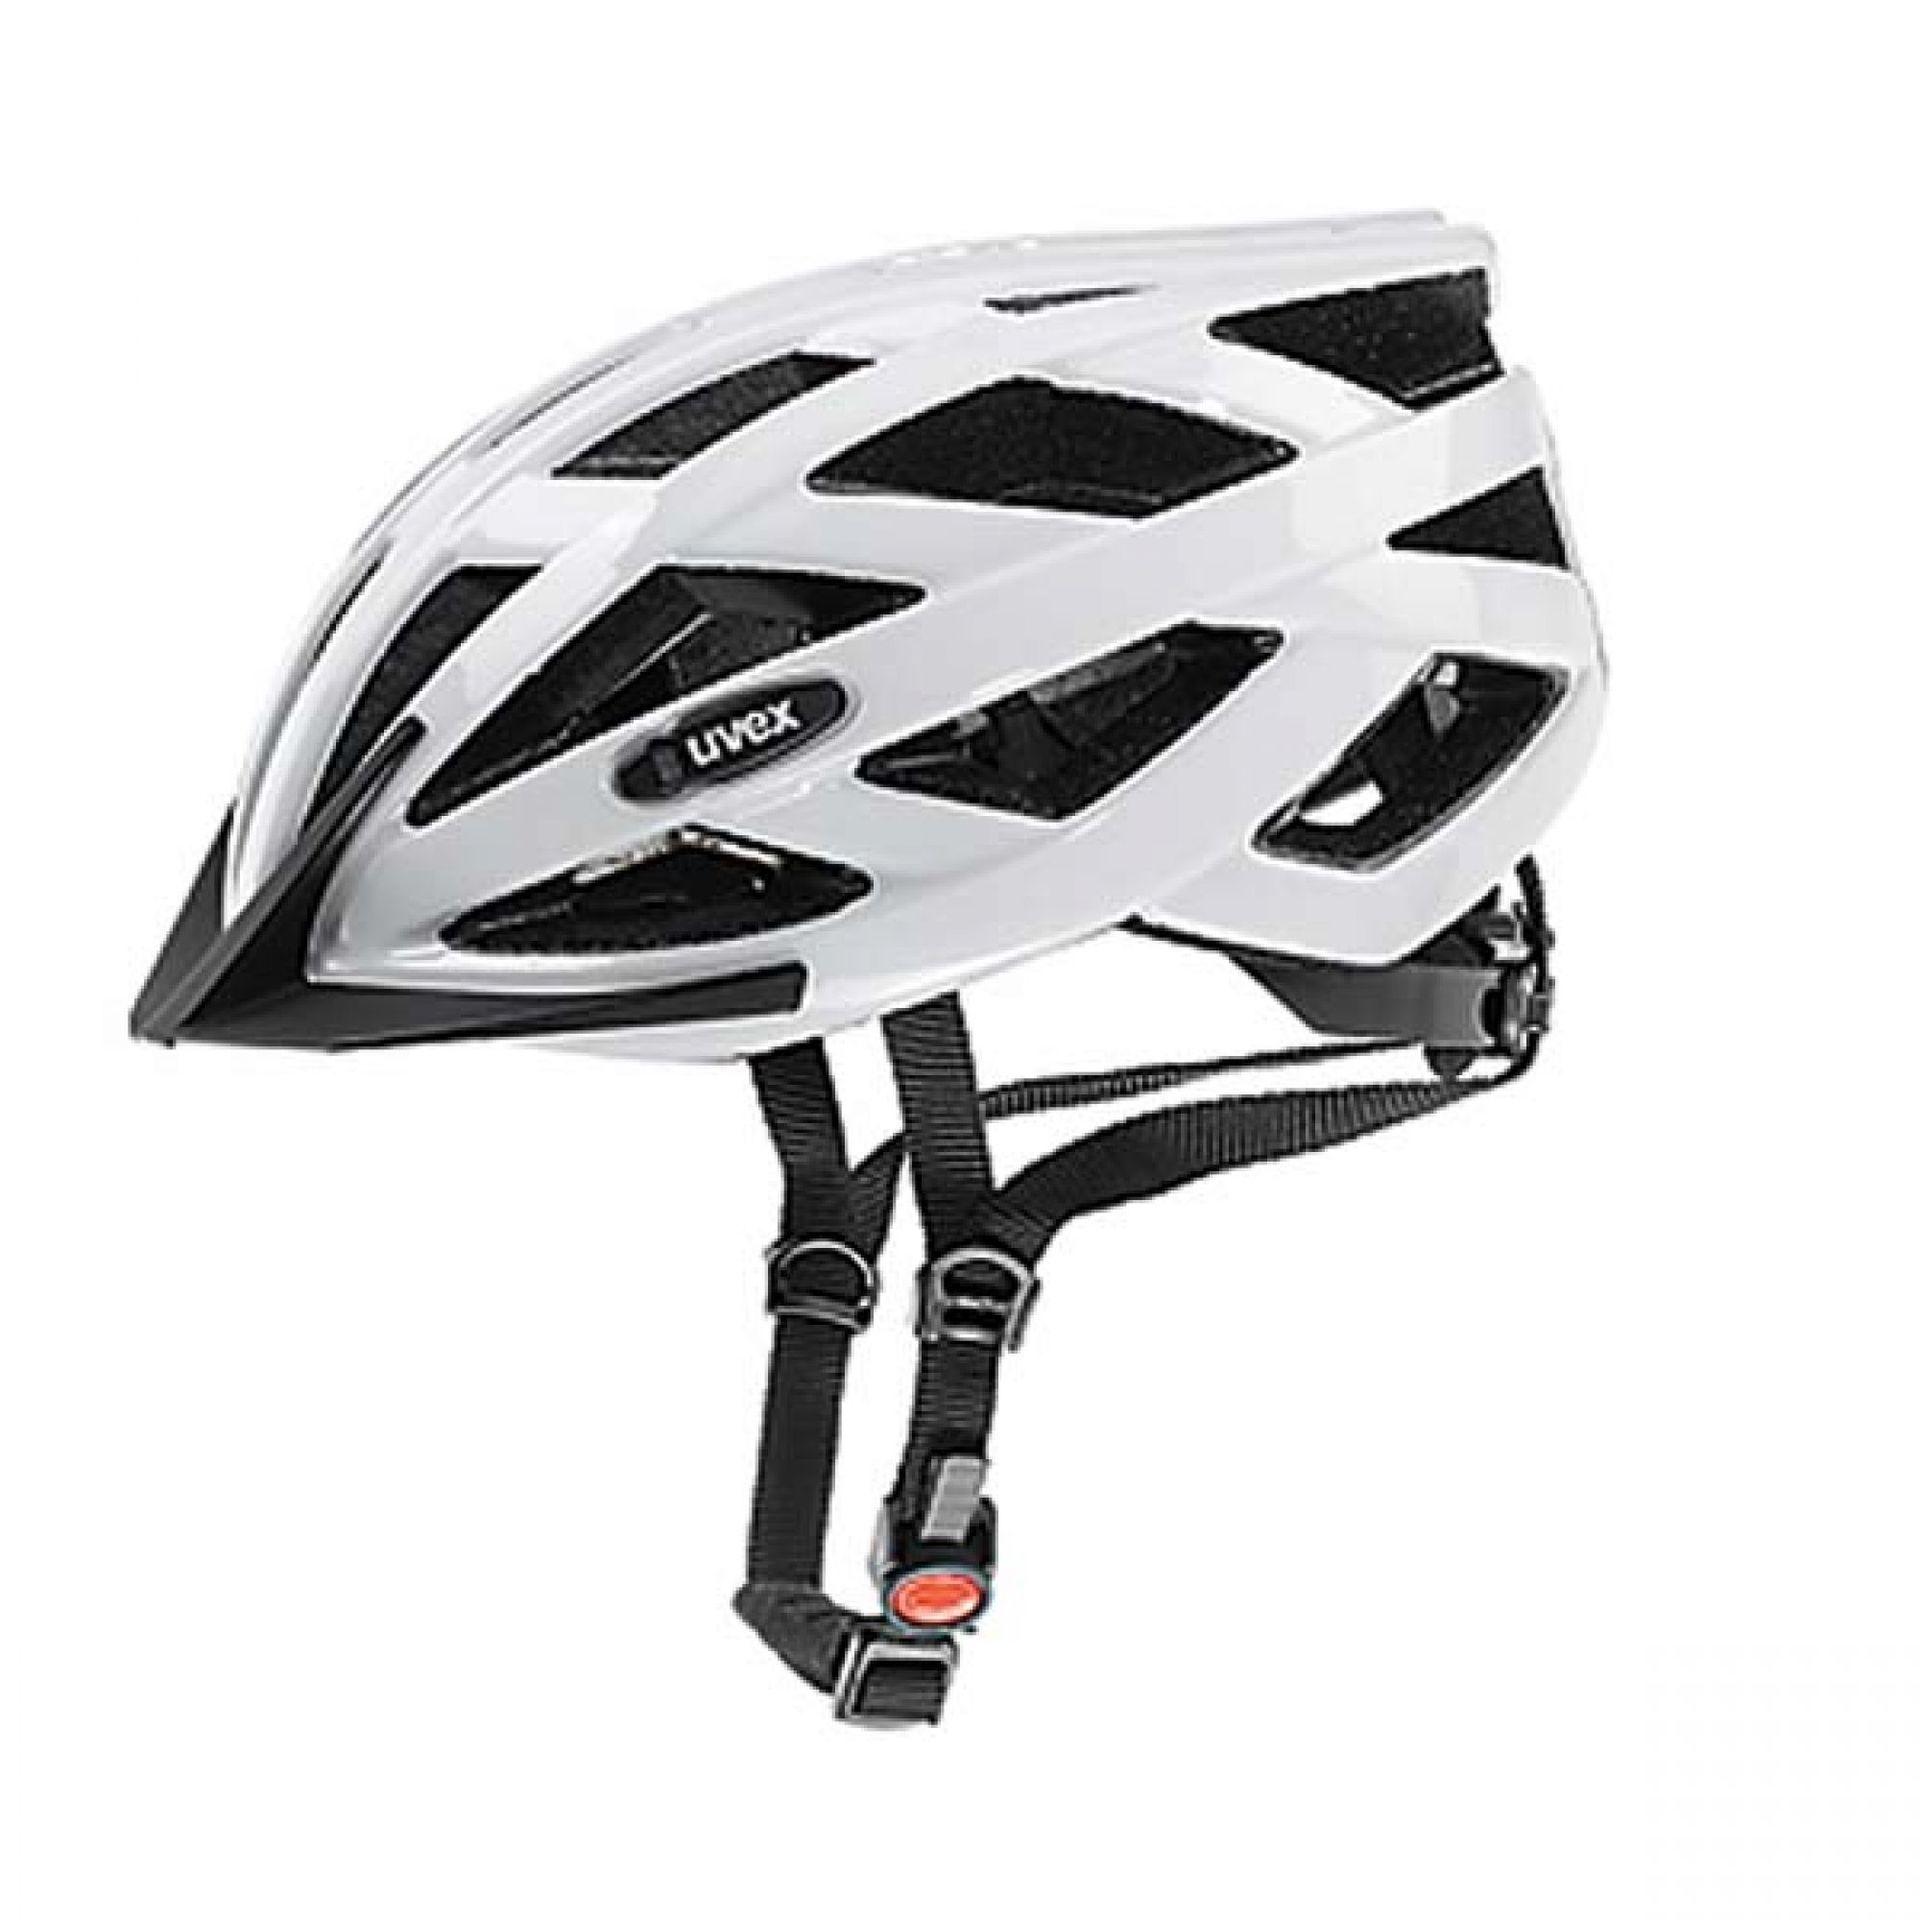 Kask rowerowy Uvex I-vo biały